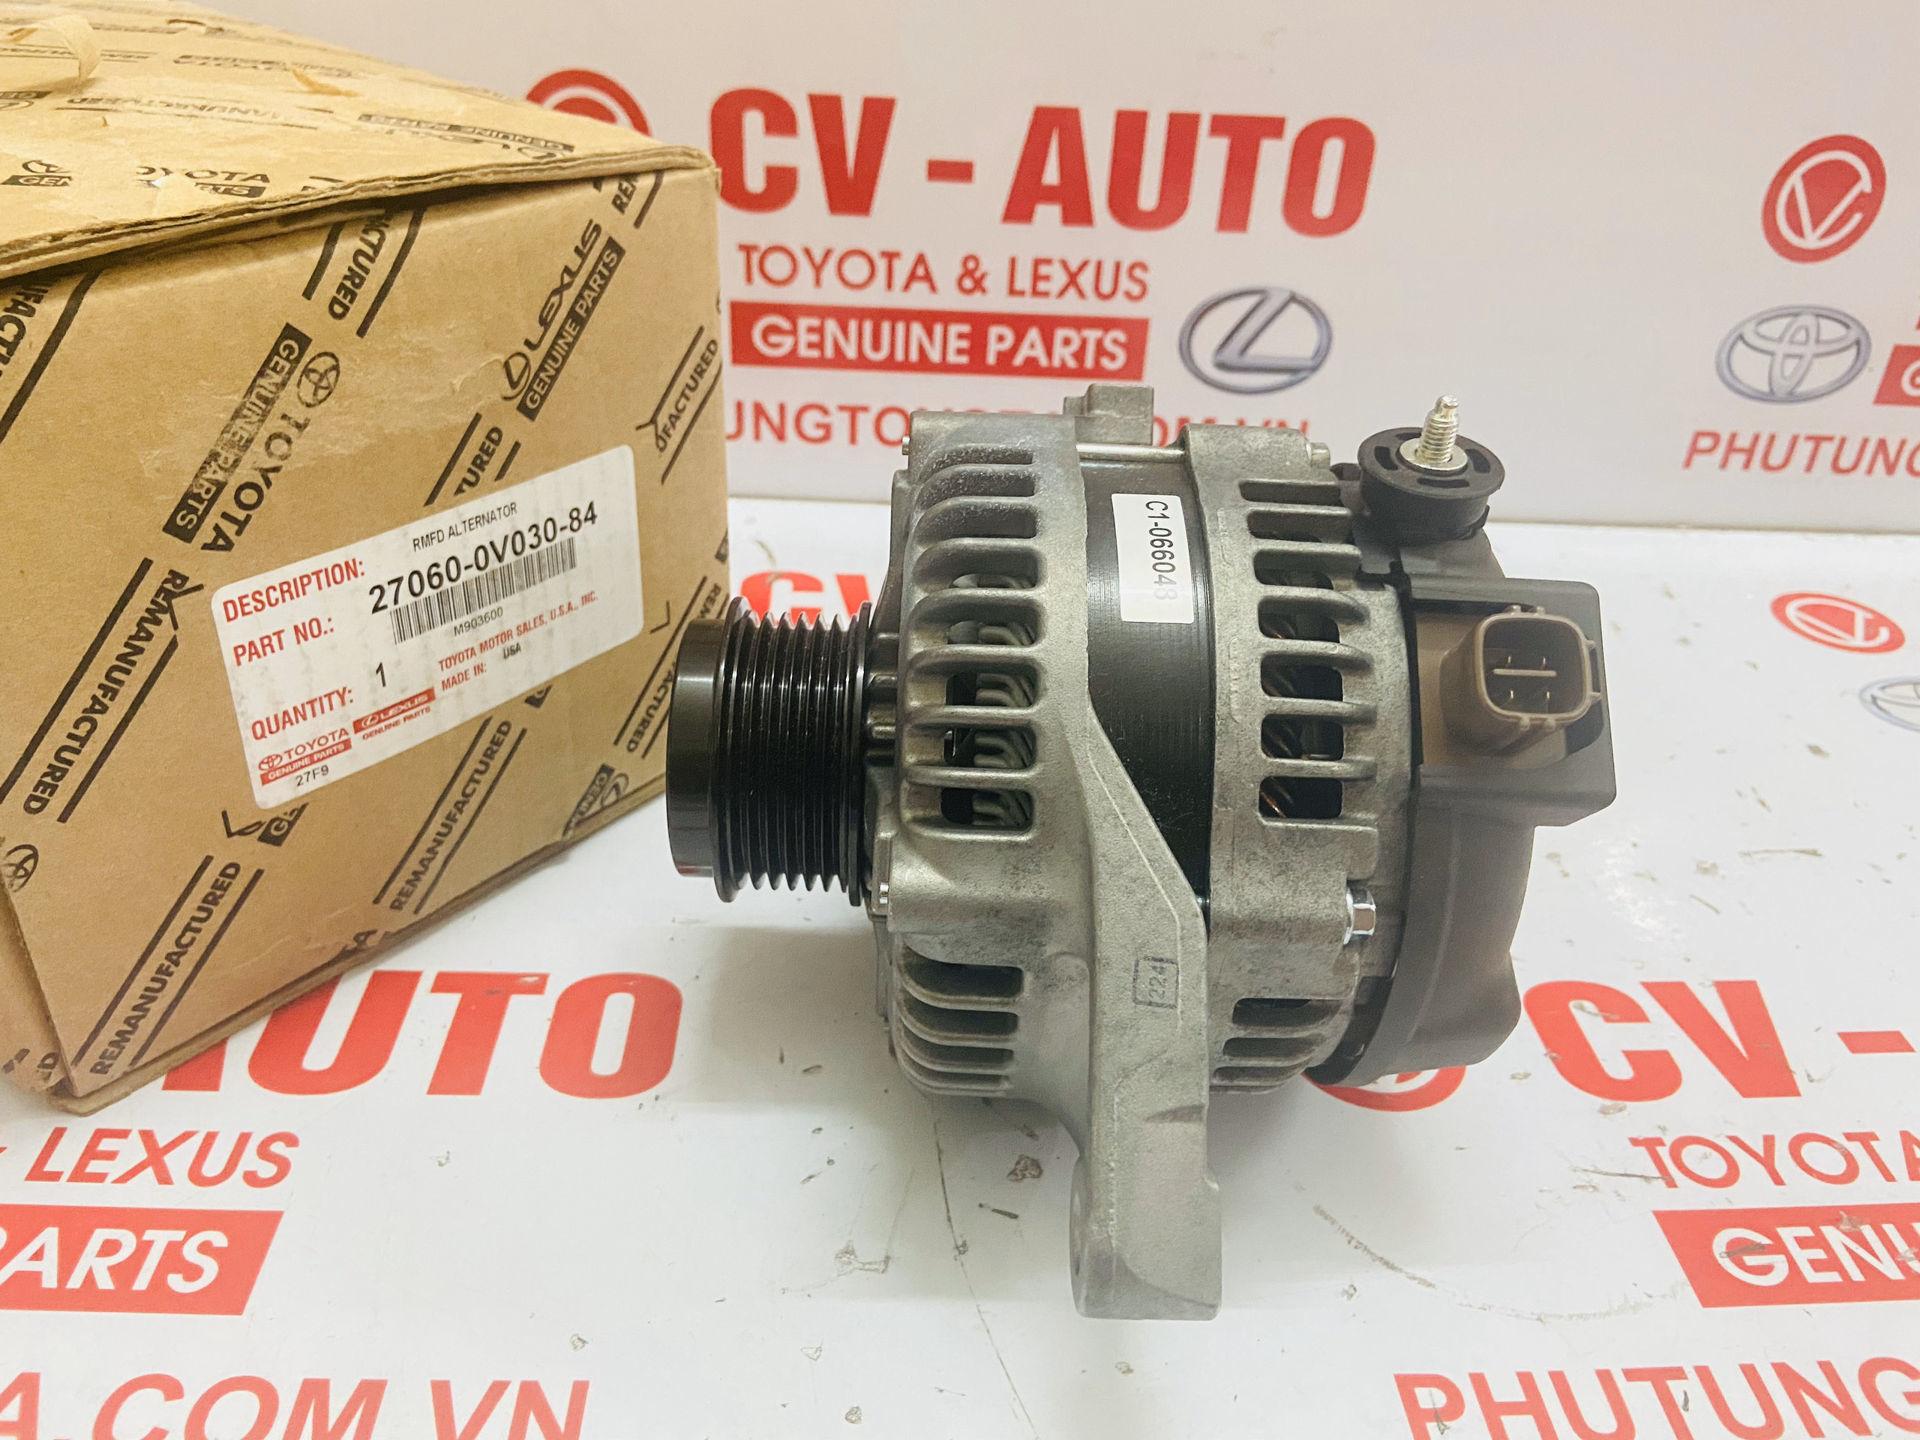 Picture of 27060-0V030-84 Máy phát Toyota Venza Highlander 2.7 chính hãng